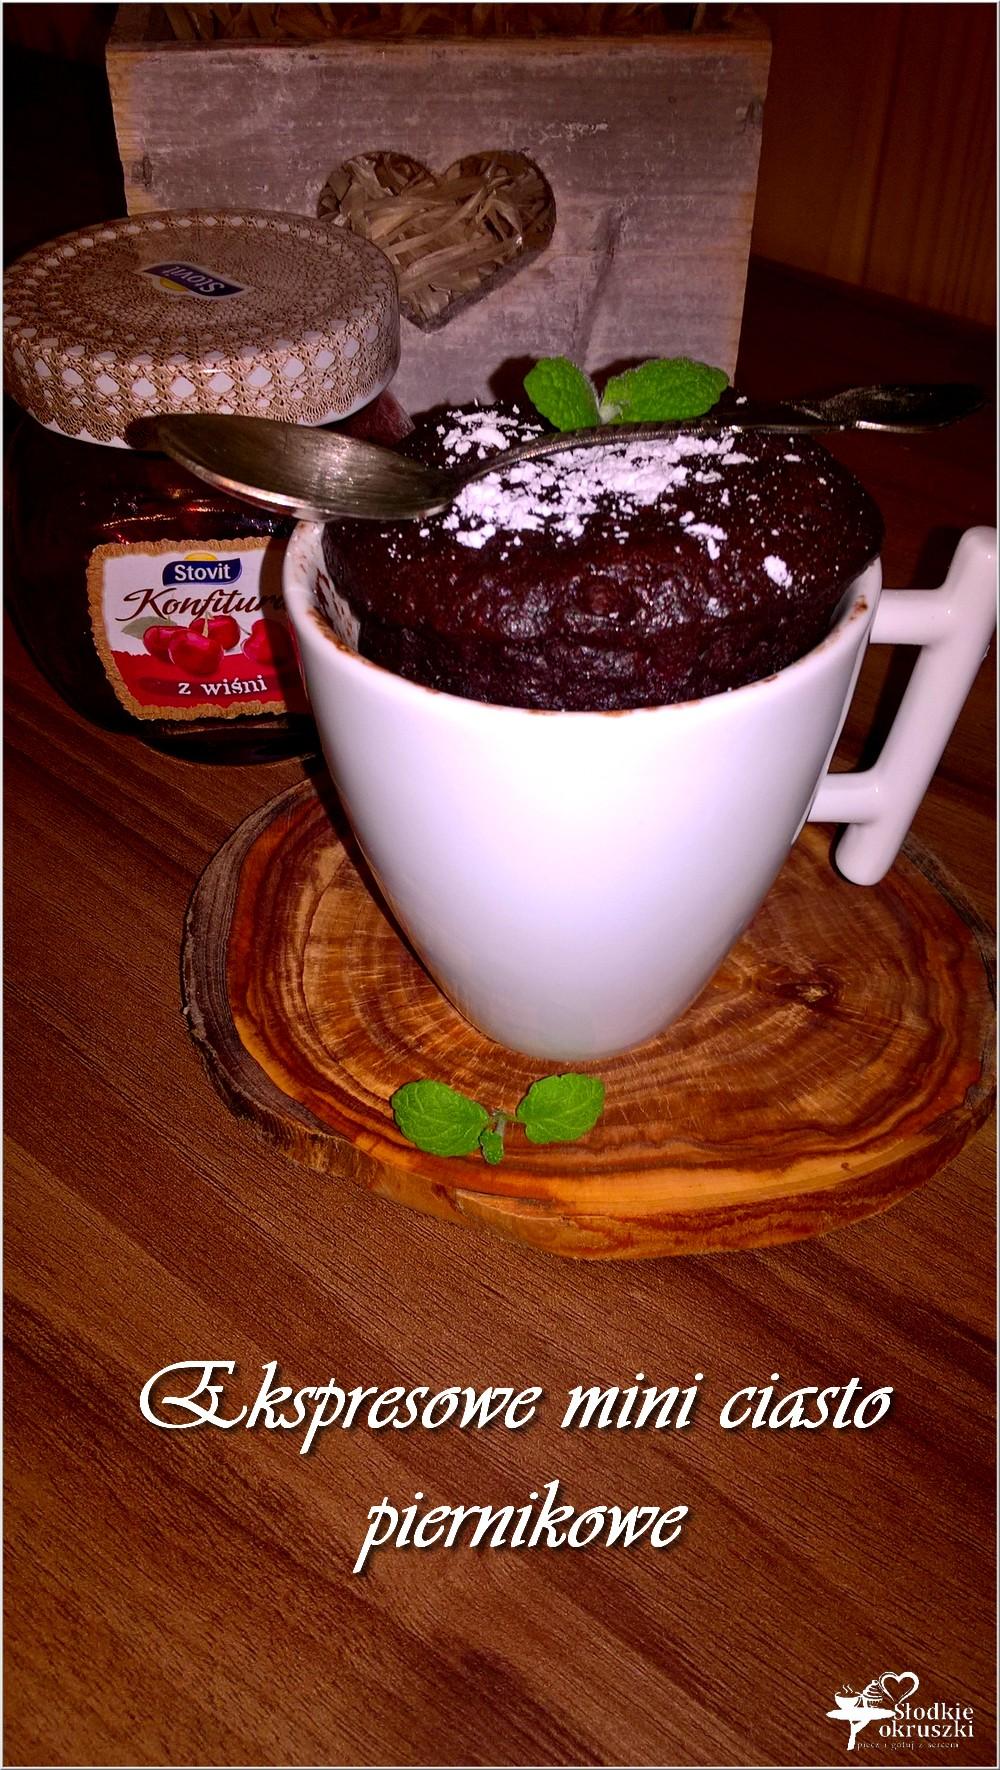 Ekspresowe mini ciasto piernikowe (w filiżance) (1)